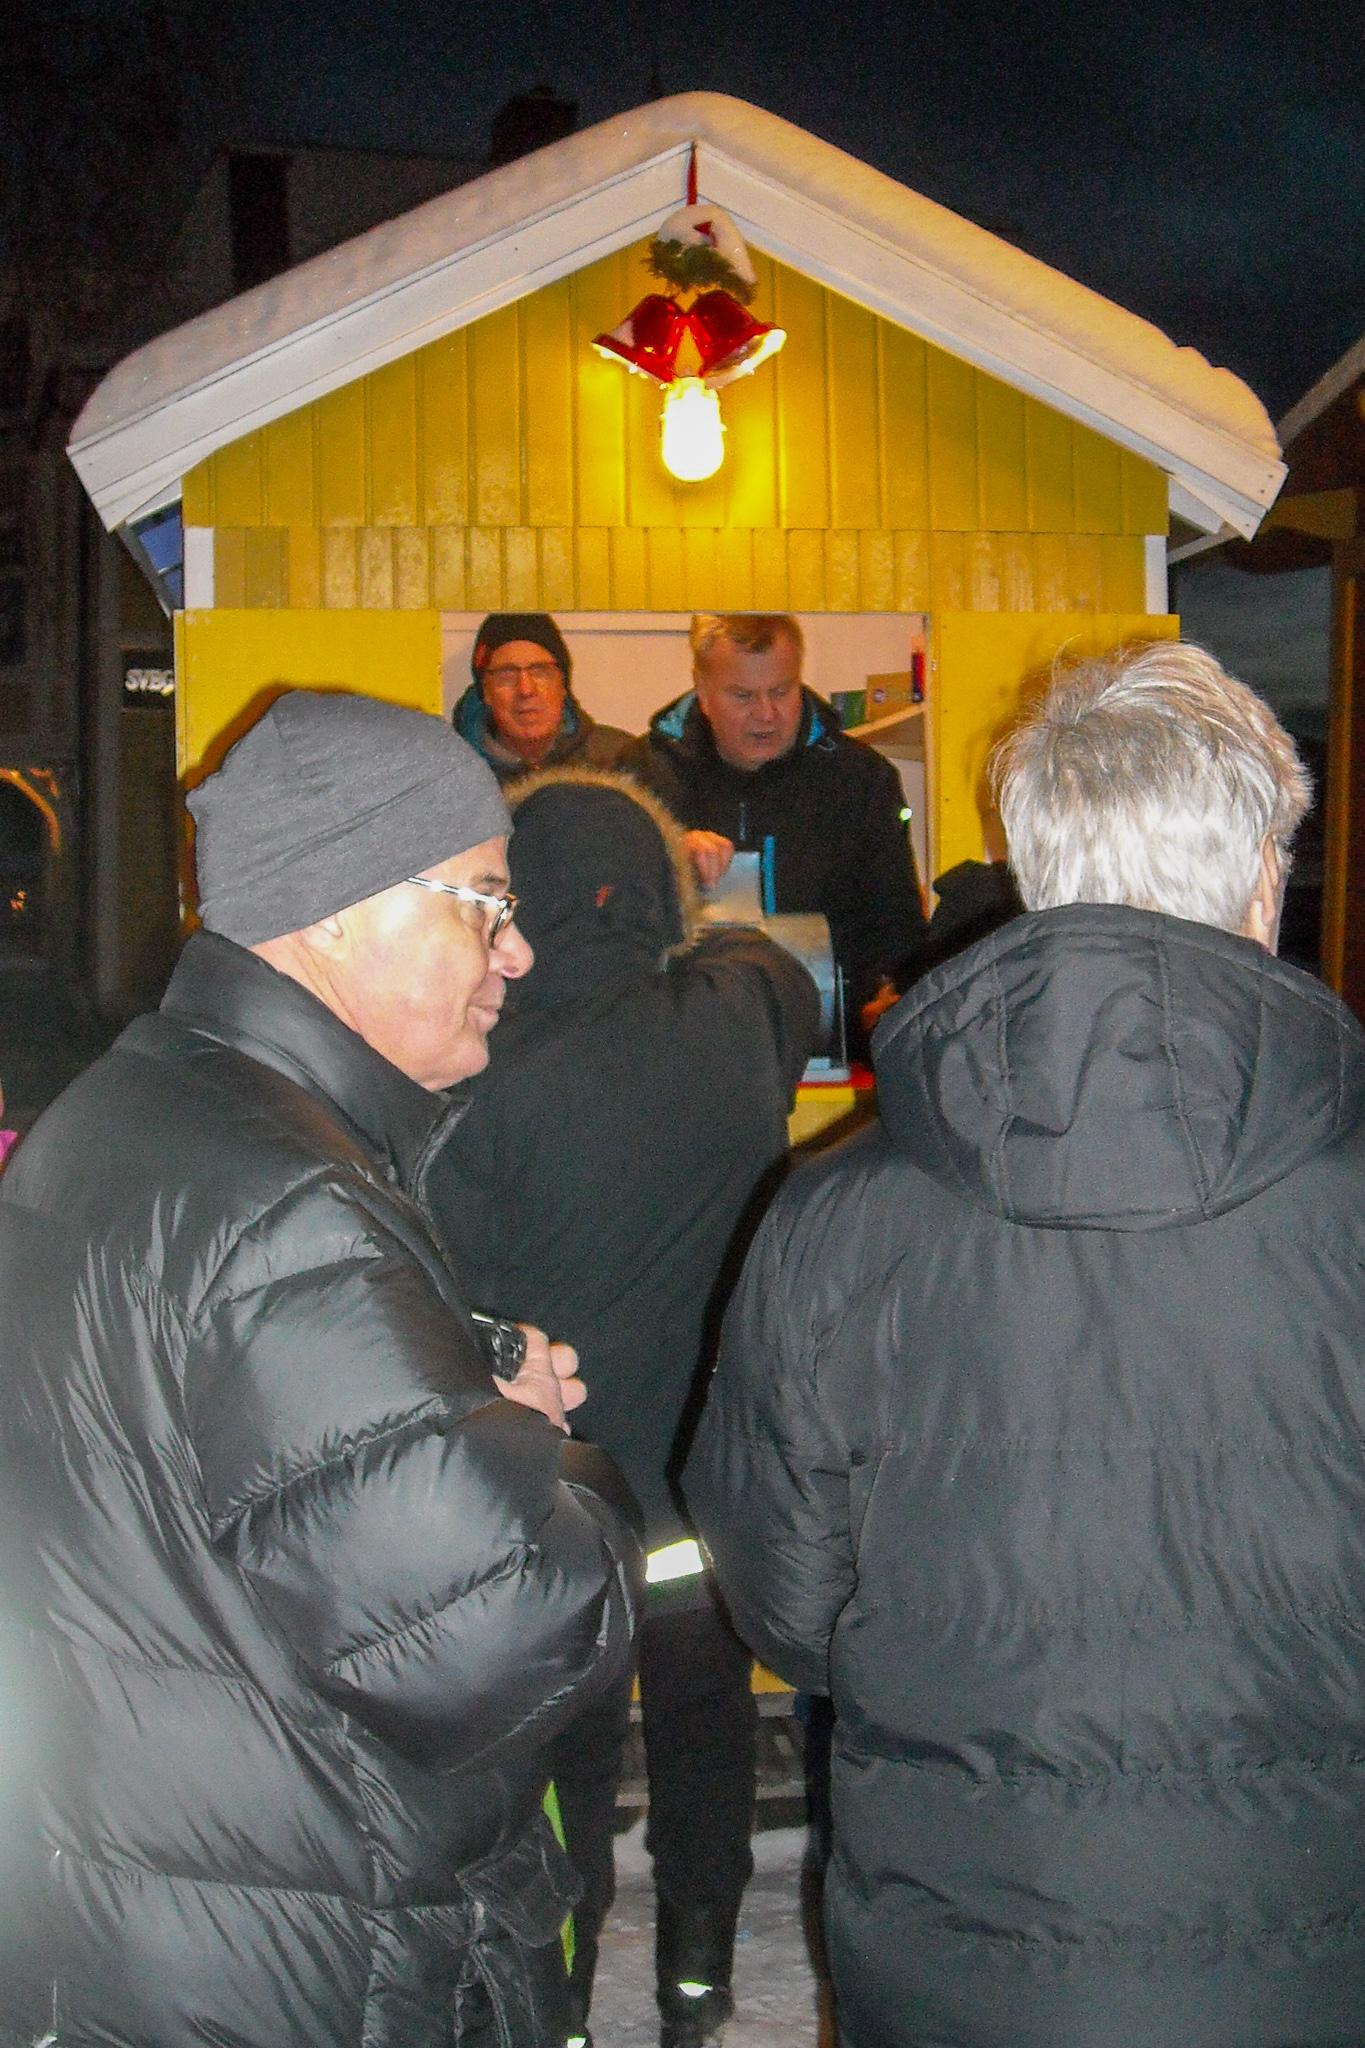 Svegs Idrottsklubbs tombola drog som vanligt till sig mycket folk som köade. Mario Johansson och Lennart Hallstensson hade fullt upp med lotteriförsäljningen som gav gott klirr i idrottskassan. Foto: Mats Haldosén